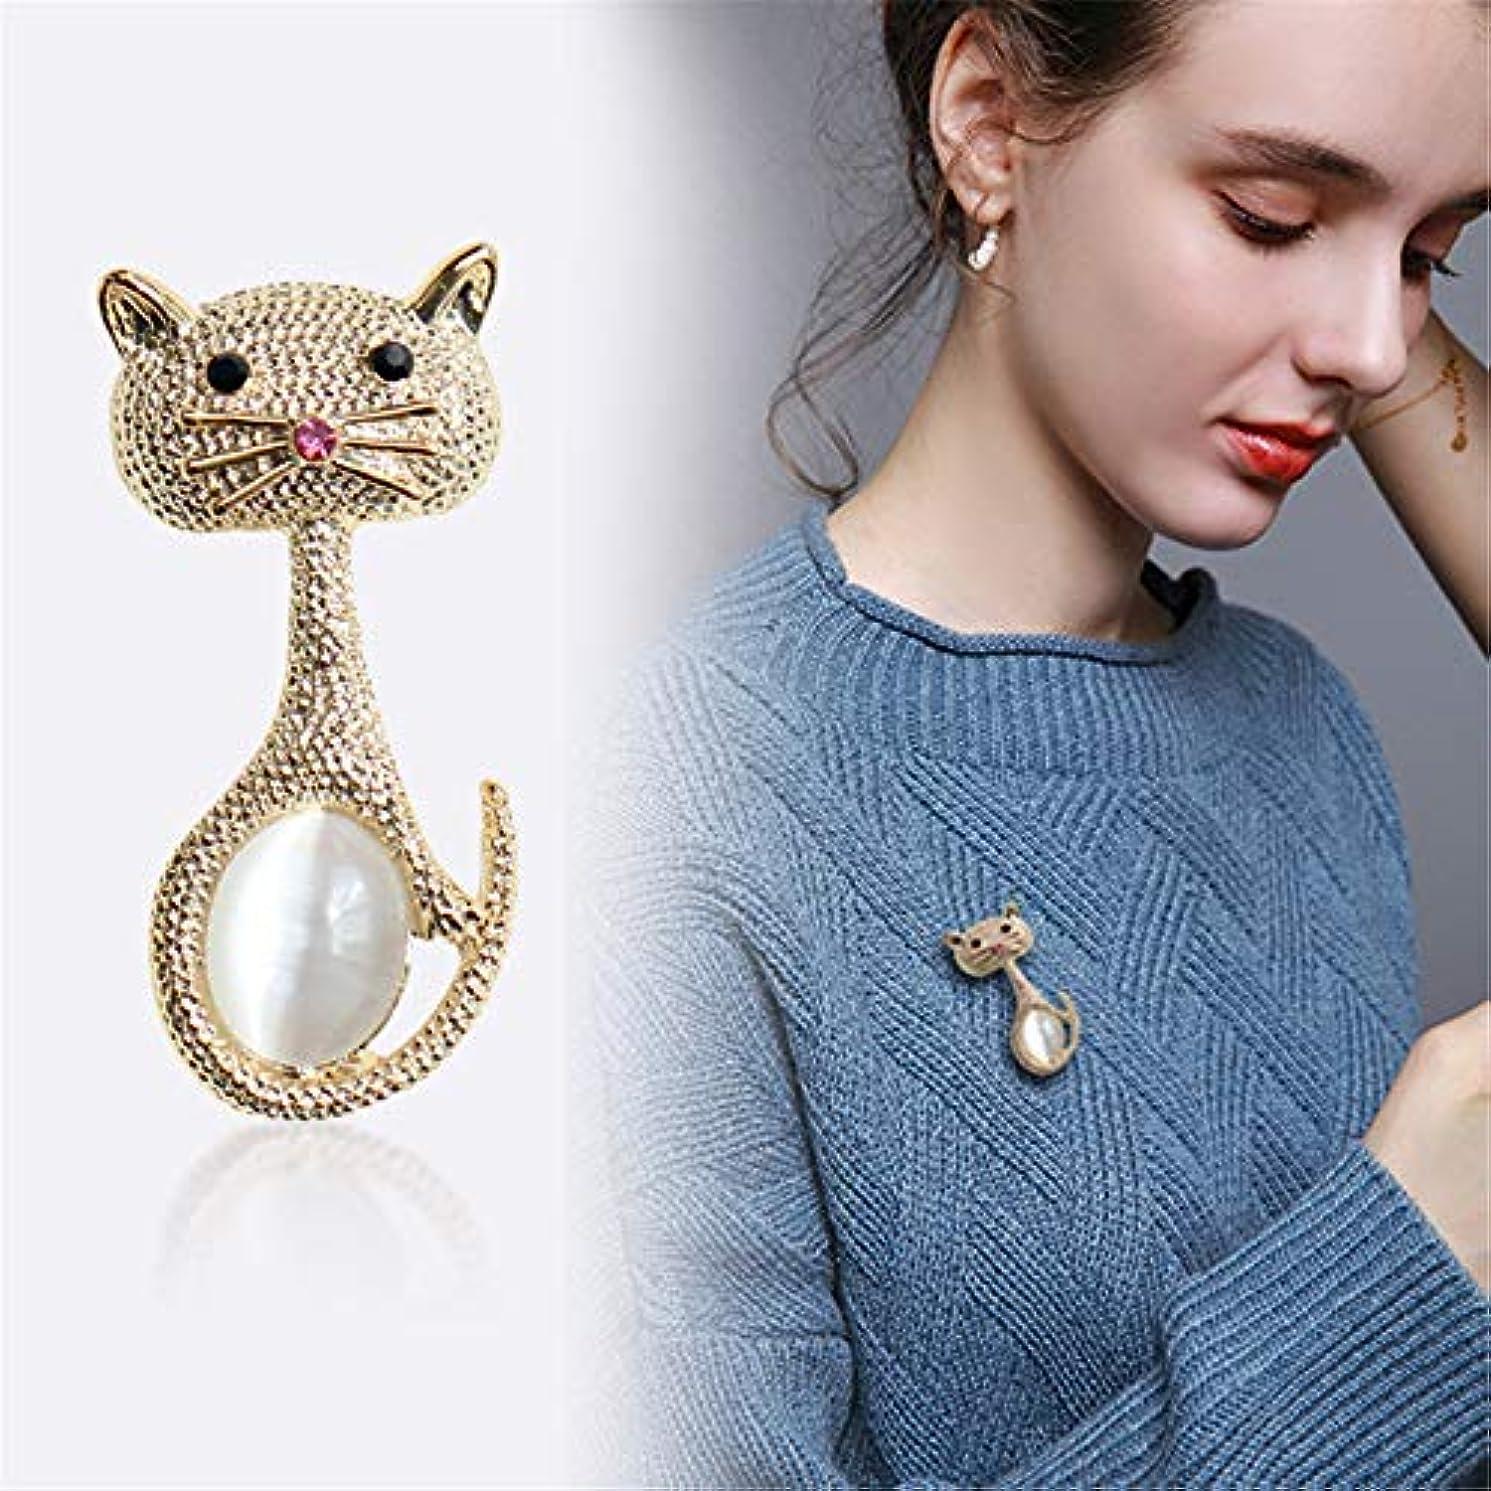 イチゴ韻に頼る生地と花石鹸の花 男性と女性のための人工オパールBoutonniere小さなピンとかわいいかわいい猫のブローチ